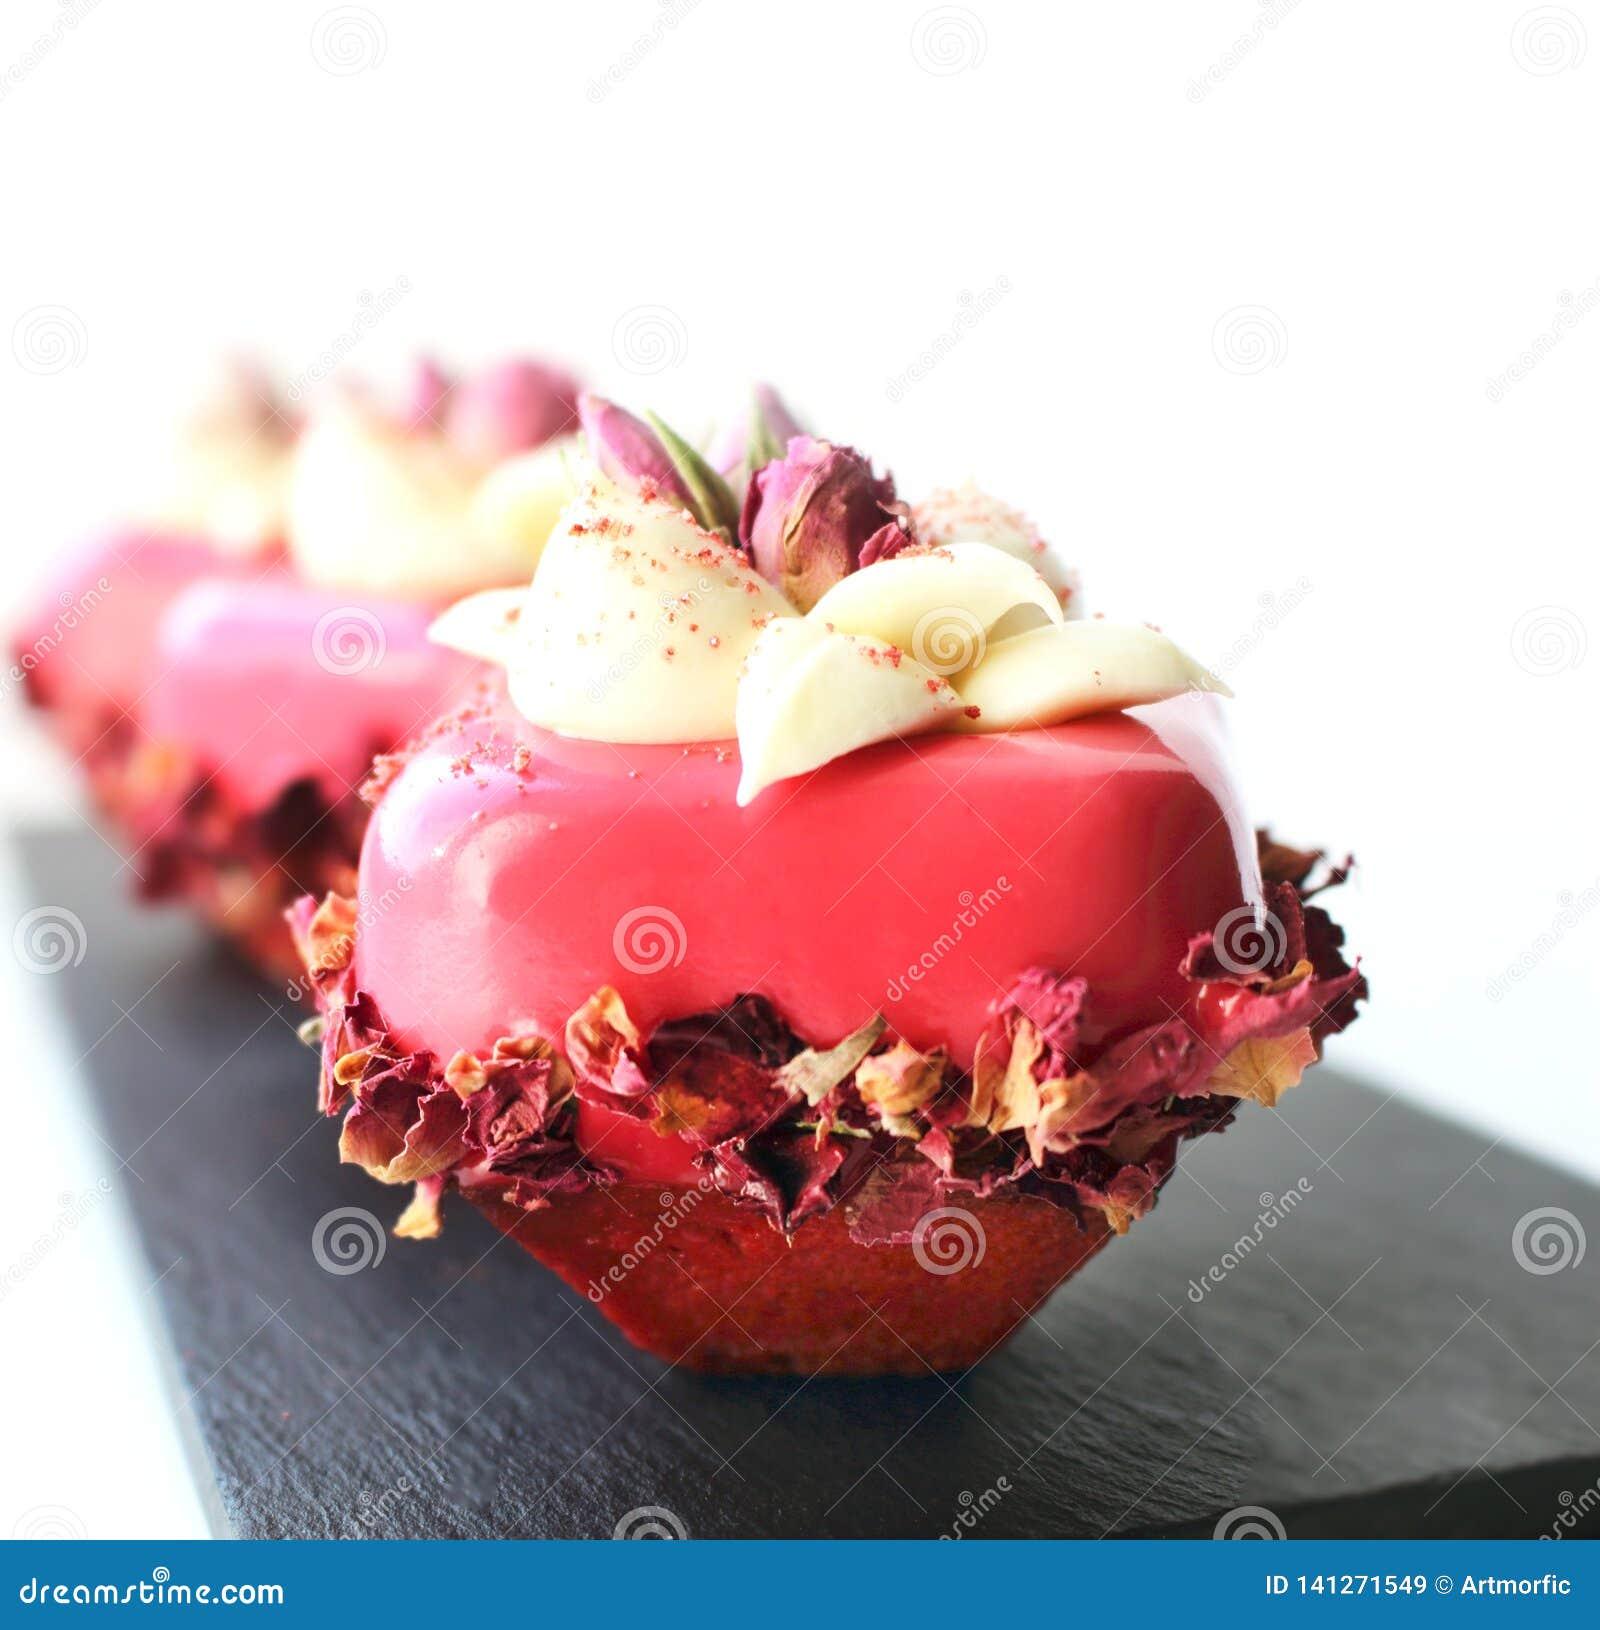 Le rose a monté des desserts avec de la crème blanche de chocolat et les pétales secs